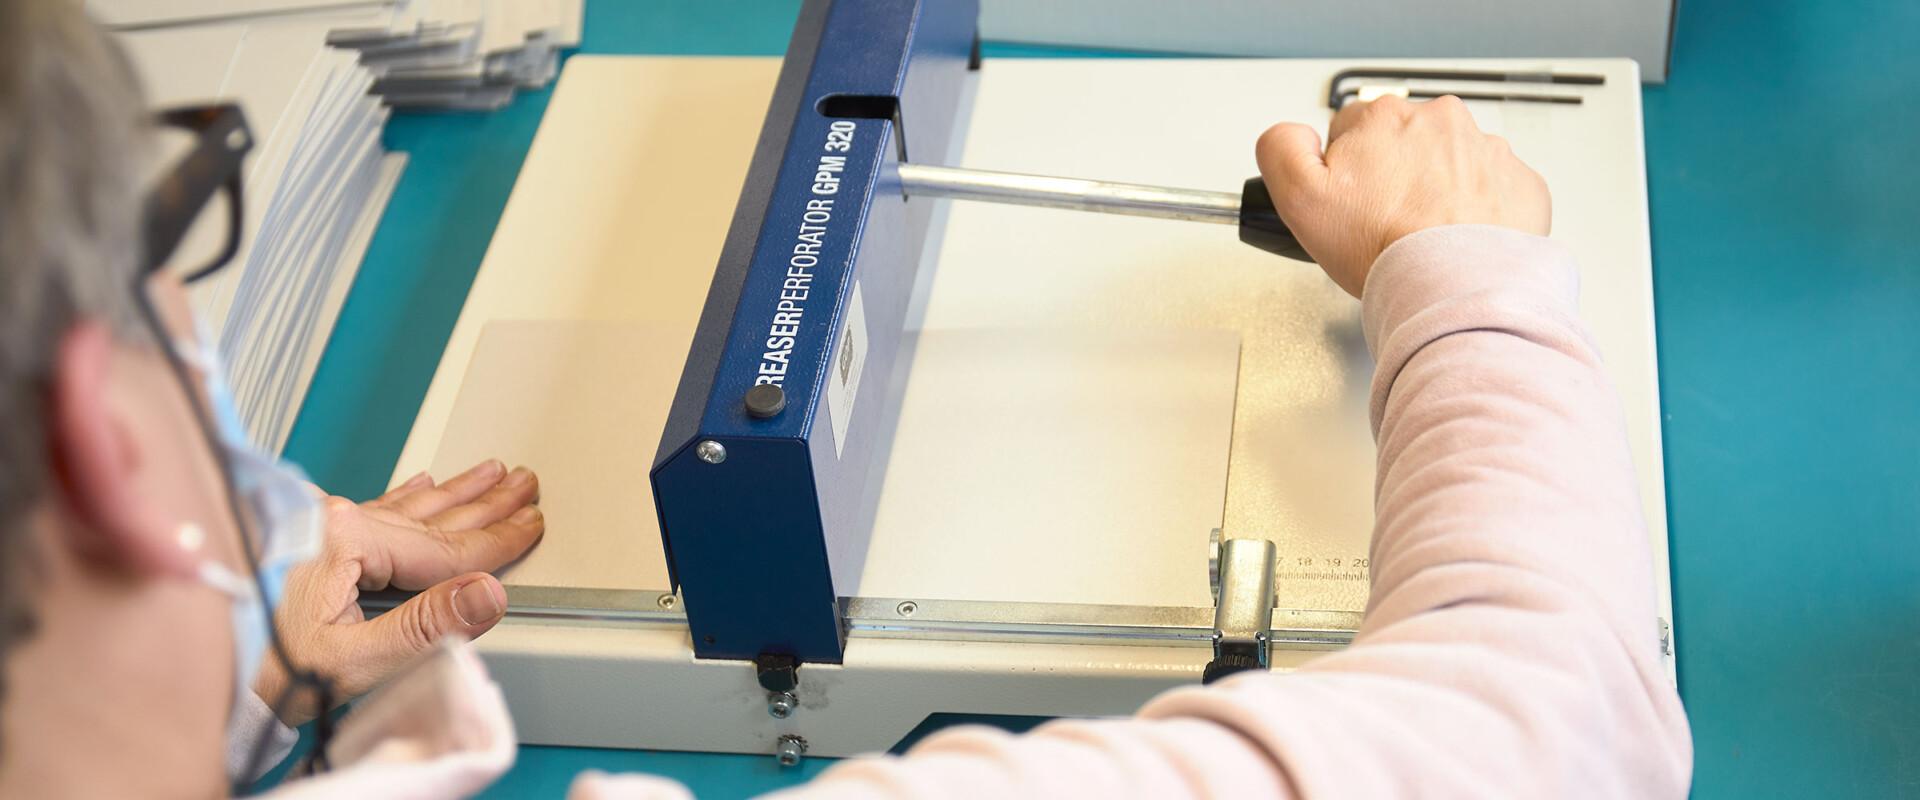 Wärchbrogg Papierverarbeitung